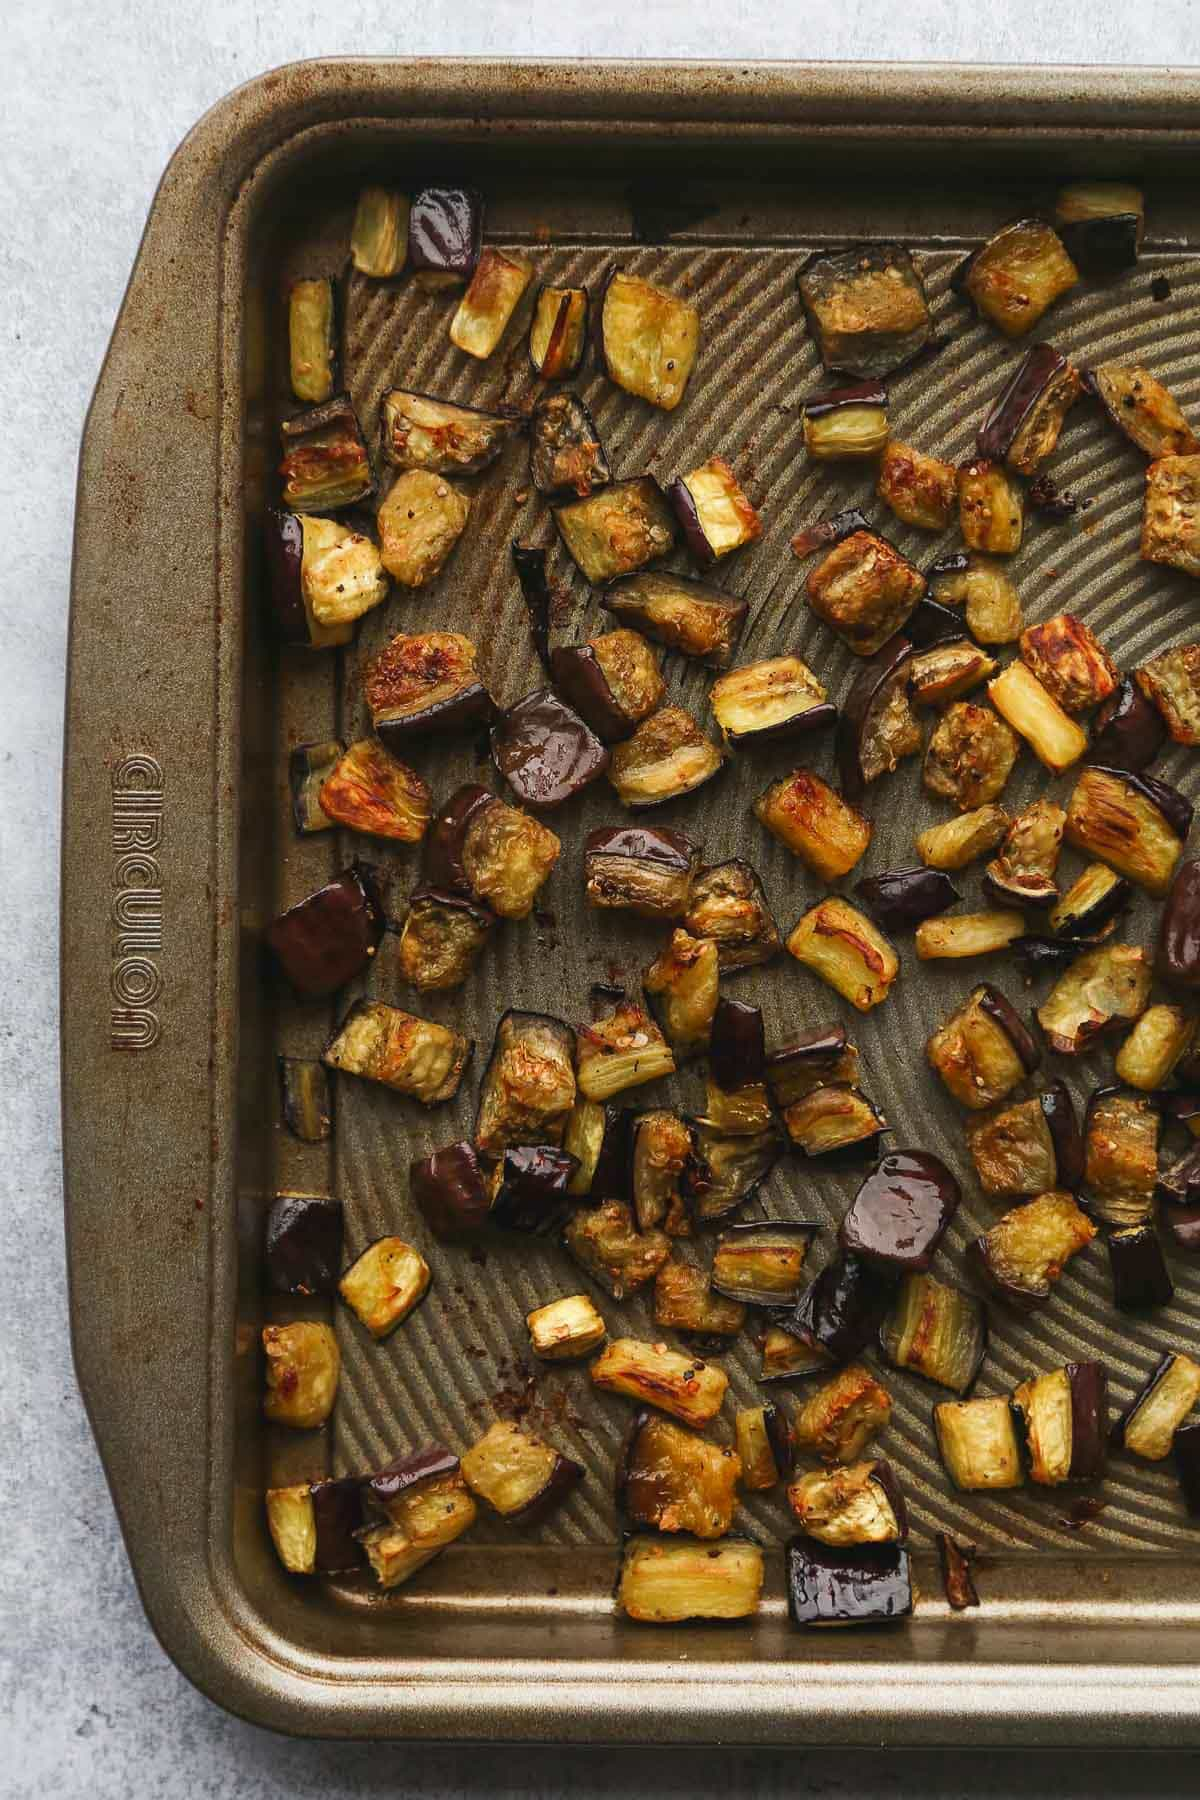 Roasted aubergine cubes on a roasting pan.